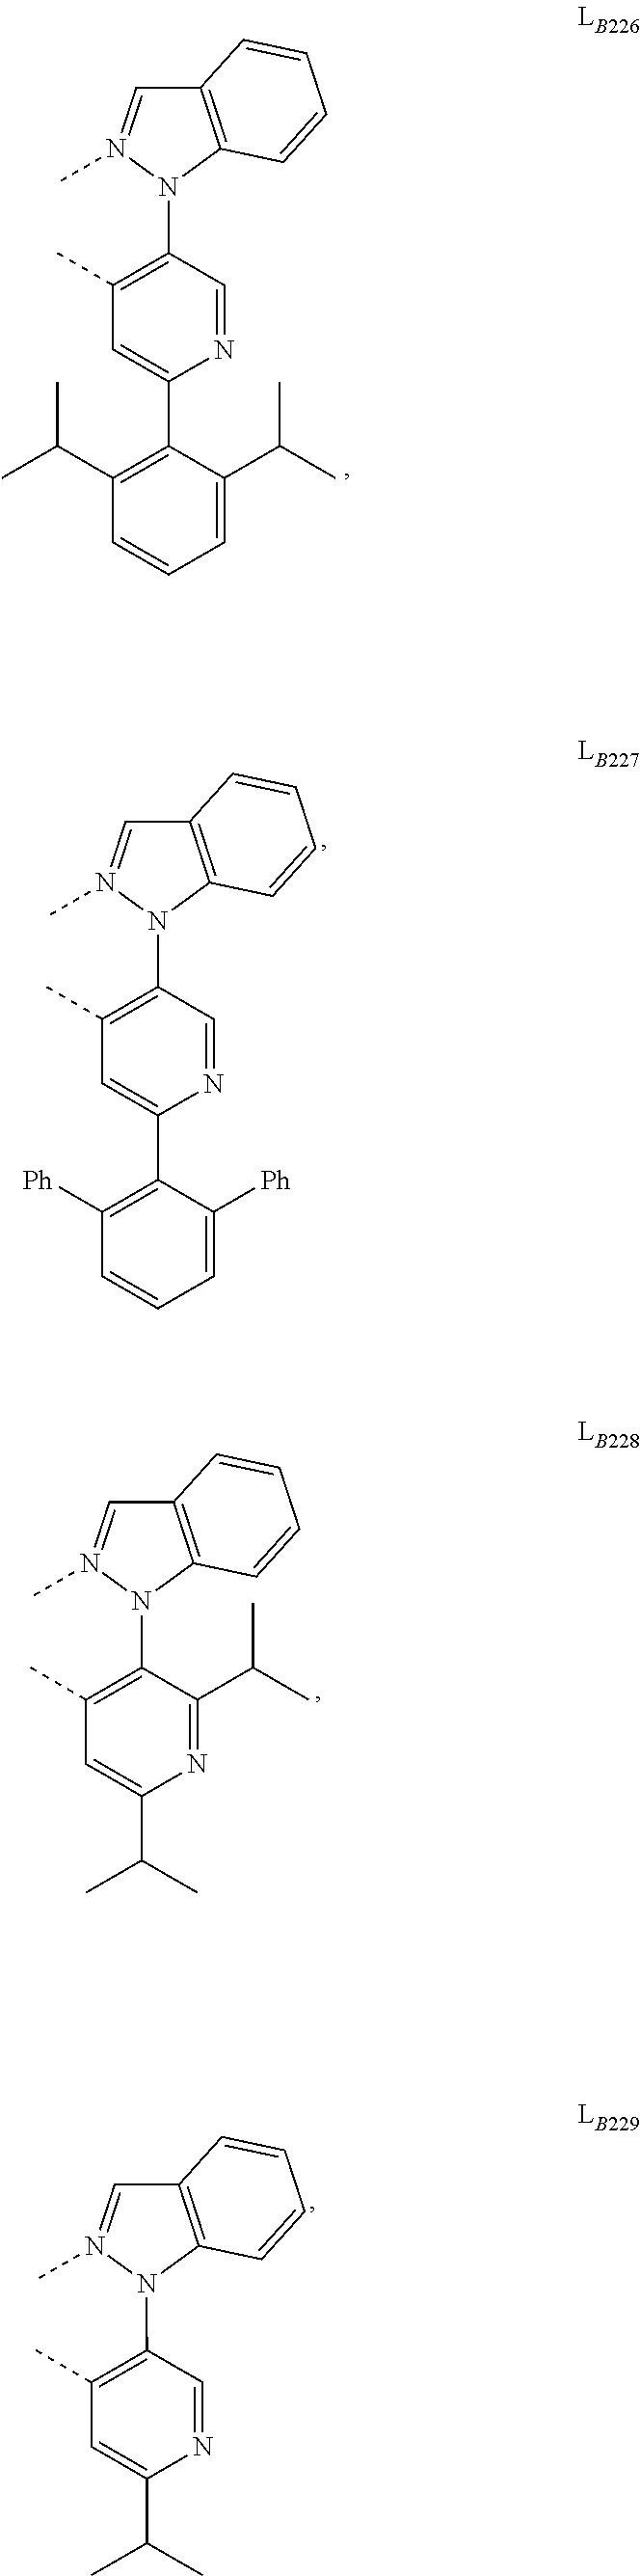 Figure US09905785-20180227-C00155